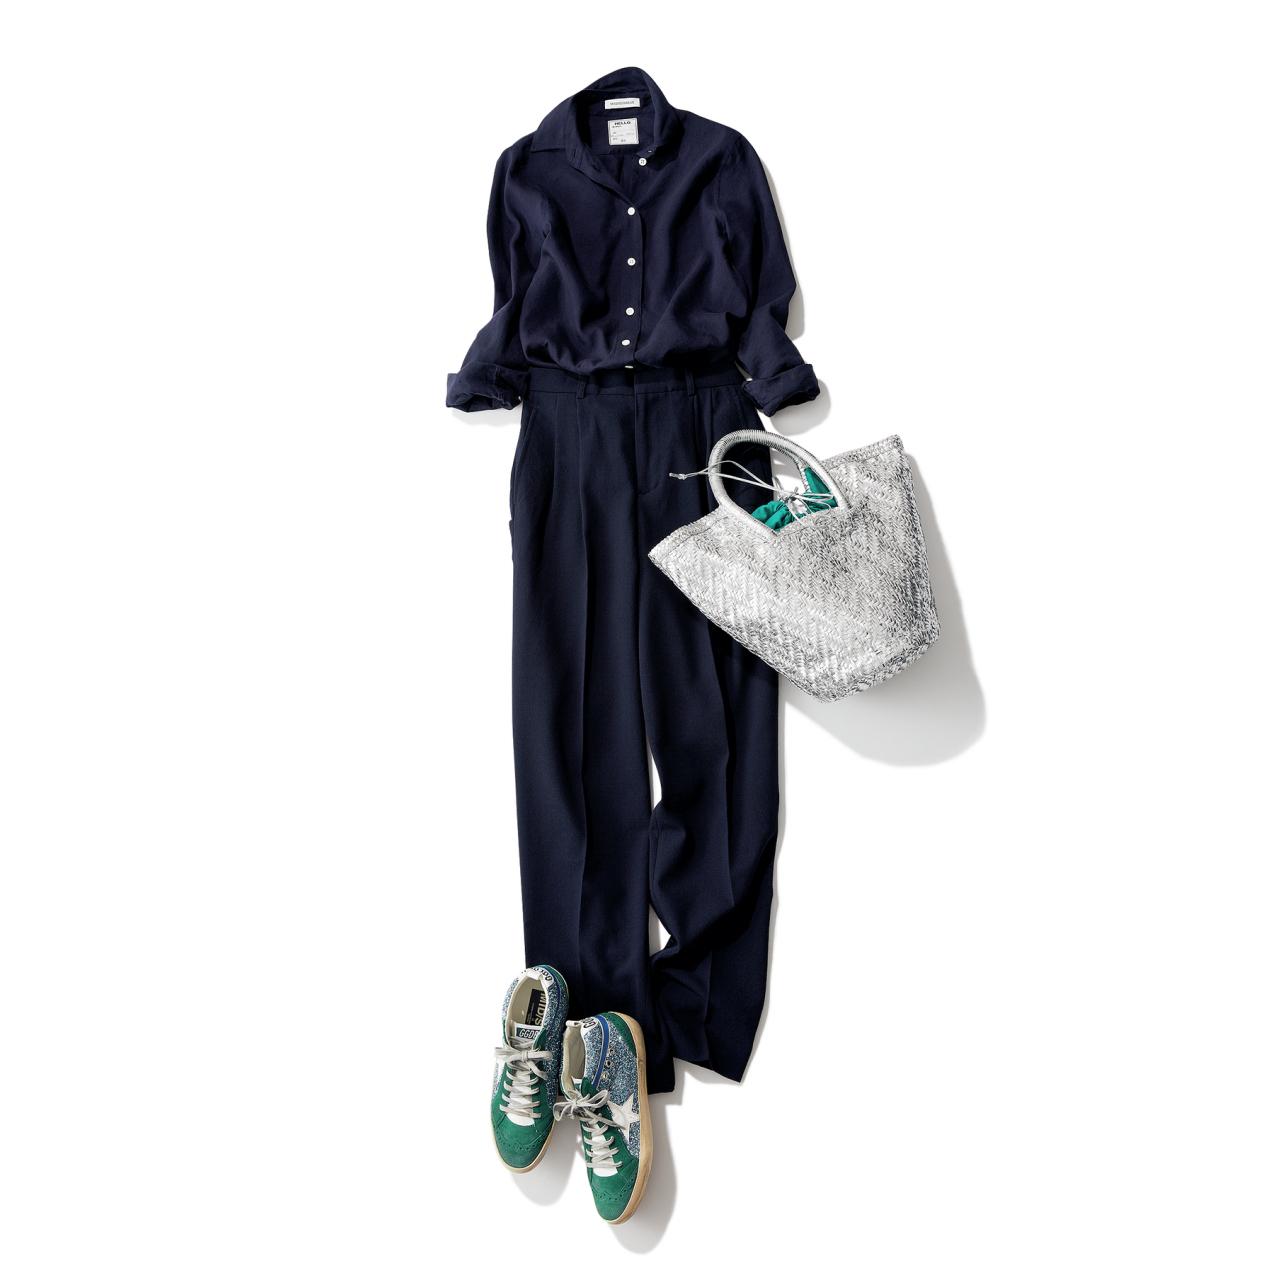 ネイビーパンツ×ネイビーシャツ&スニーカーのファッションコーデ